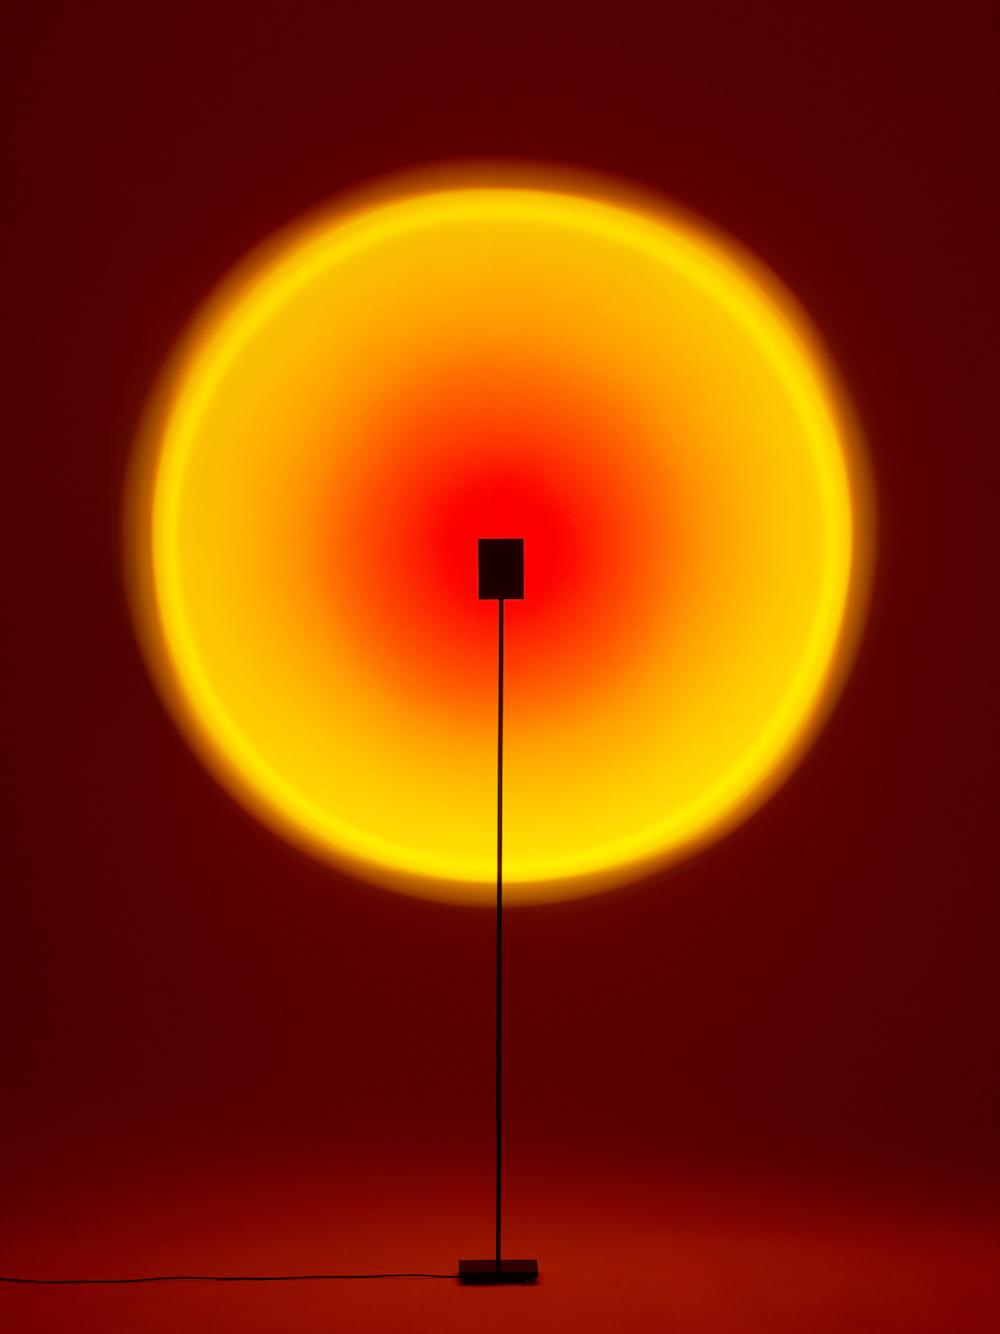 完美折射大自然的美:芭蕉灯、落日灯、月亮灯…打开一瞬间美呆